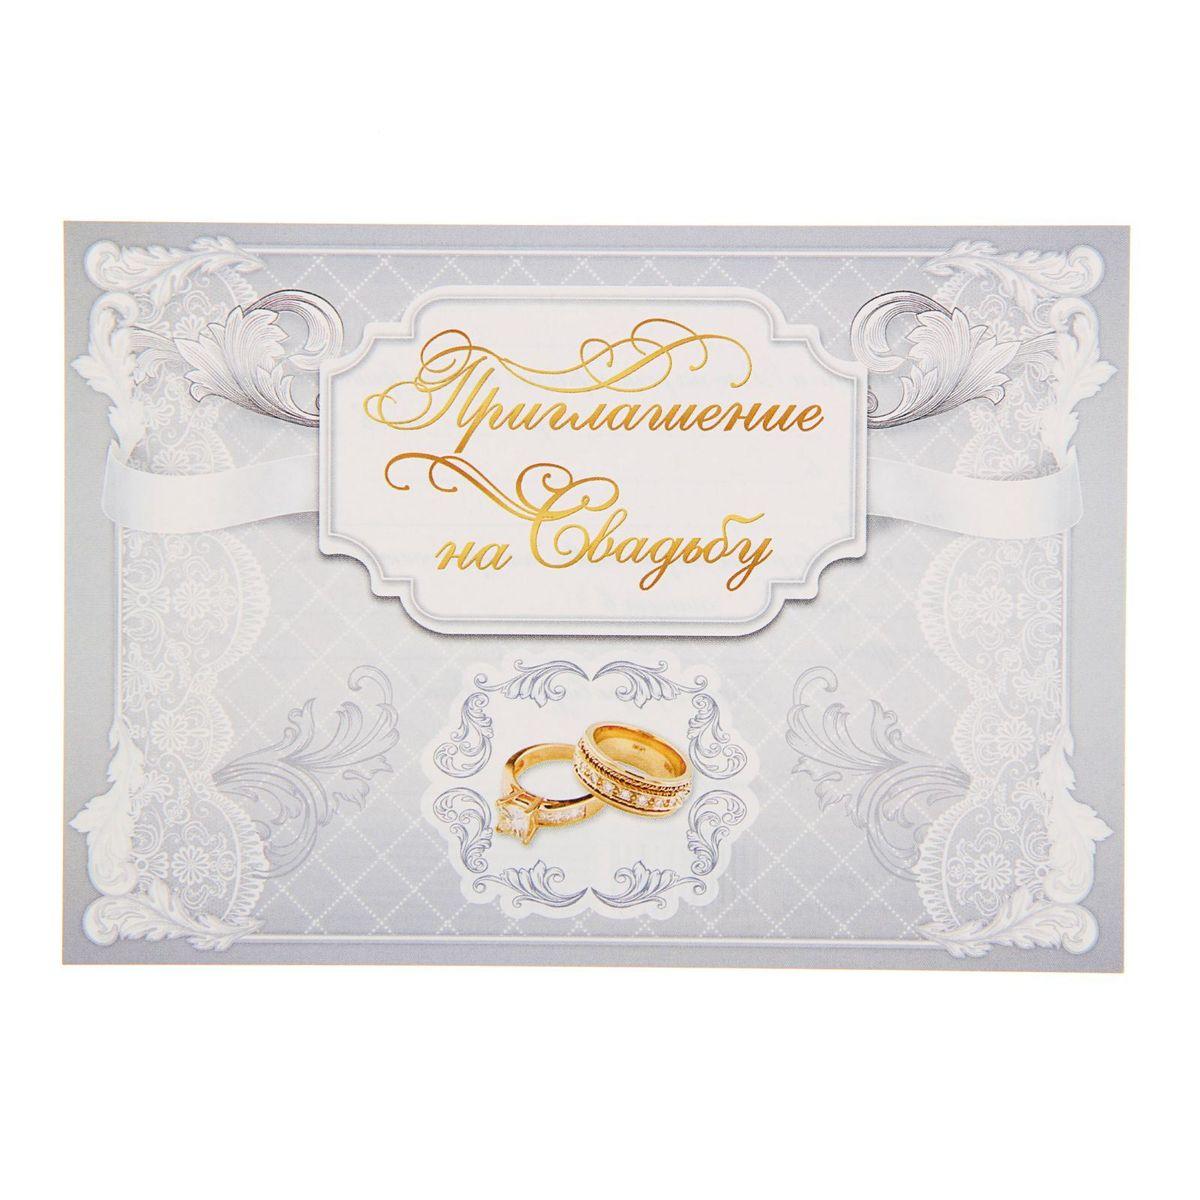 Приглашение на свадьбу Sima-land Белое кружево, 10,5 х 15 см1338643Свадьба - одно из главных событий в жизни каждого человека. Для идеального торжества необходимо продумать каждую мелочь. Родным и близким будет приятно получить индивидуальную красивую открытку с эксклюзивным дизайном.